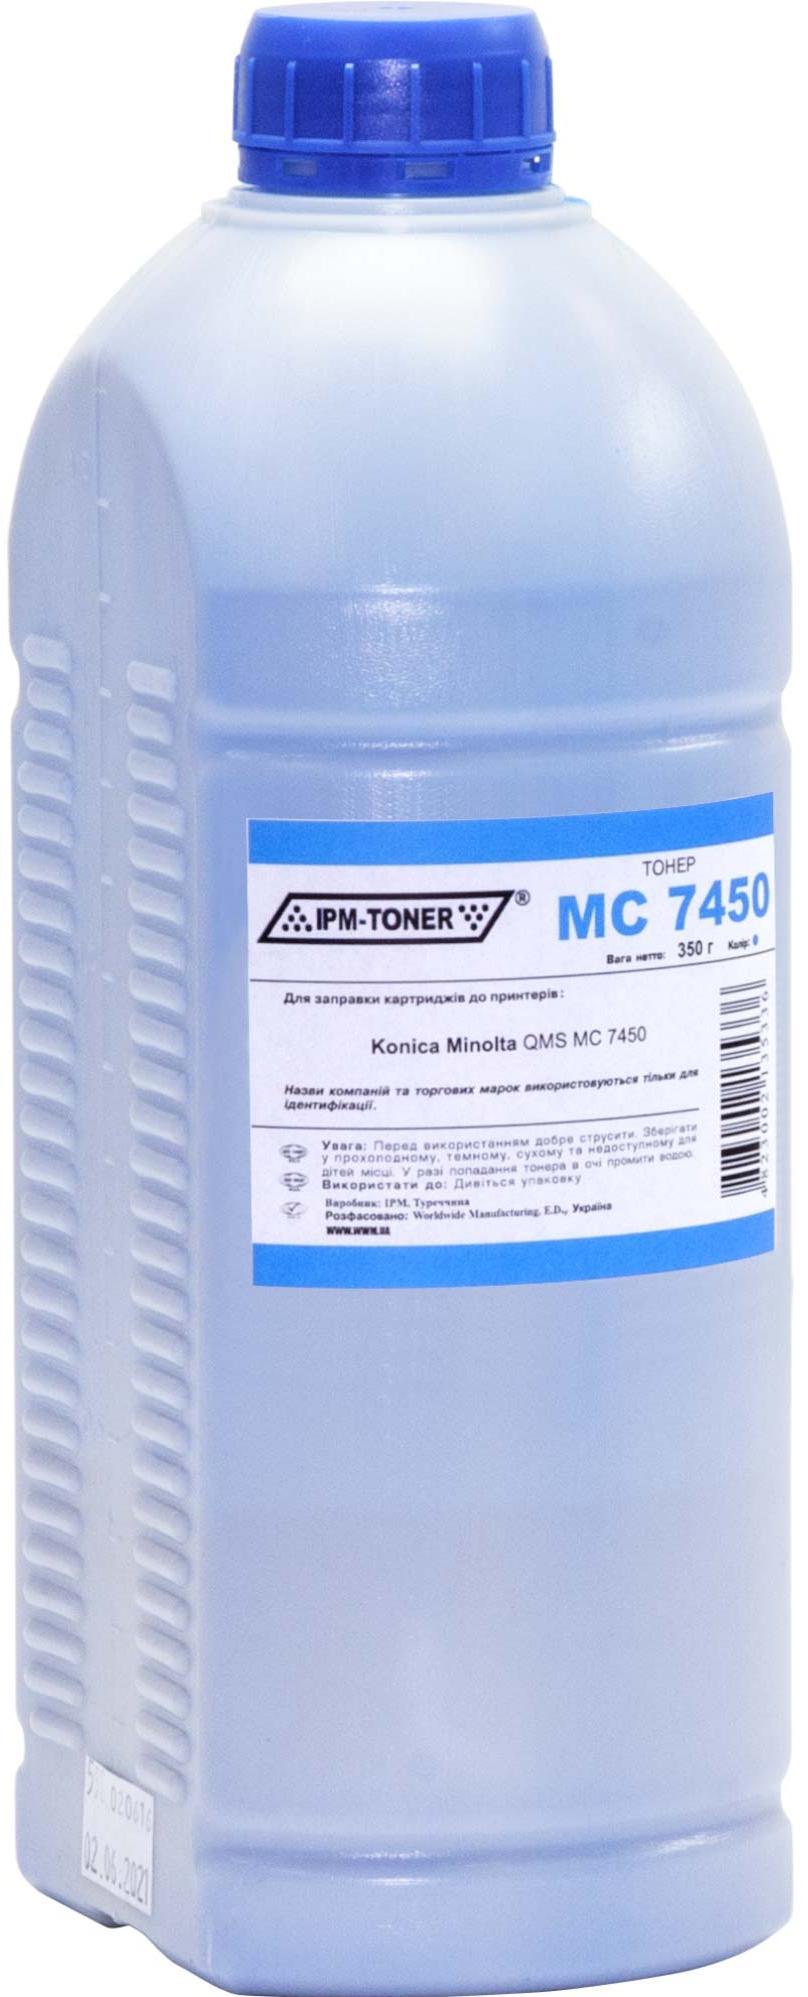 Купить Тонер IPM for Konica Minolta QMS MC7450 Cyan бутль 350g, TB115C-1